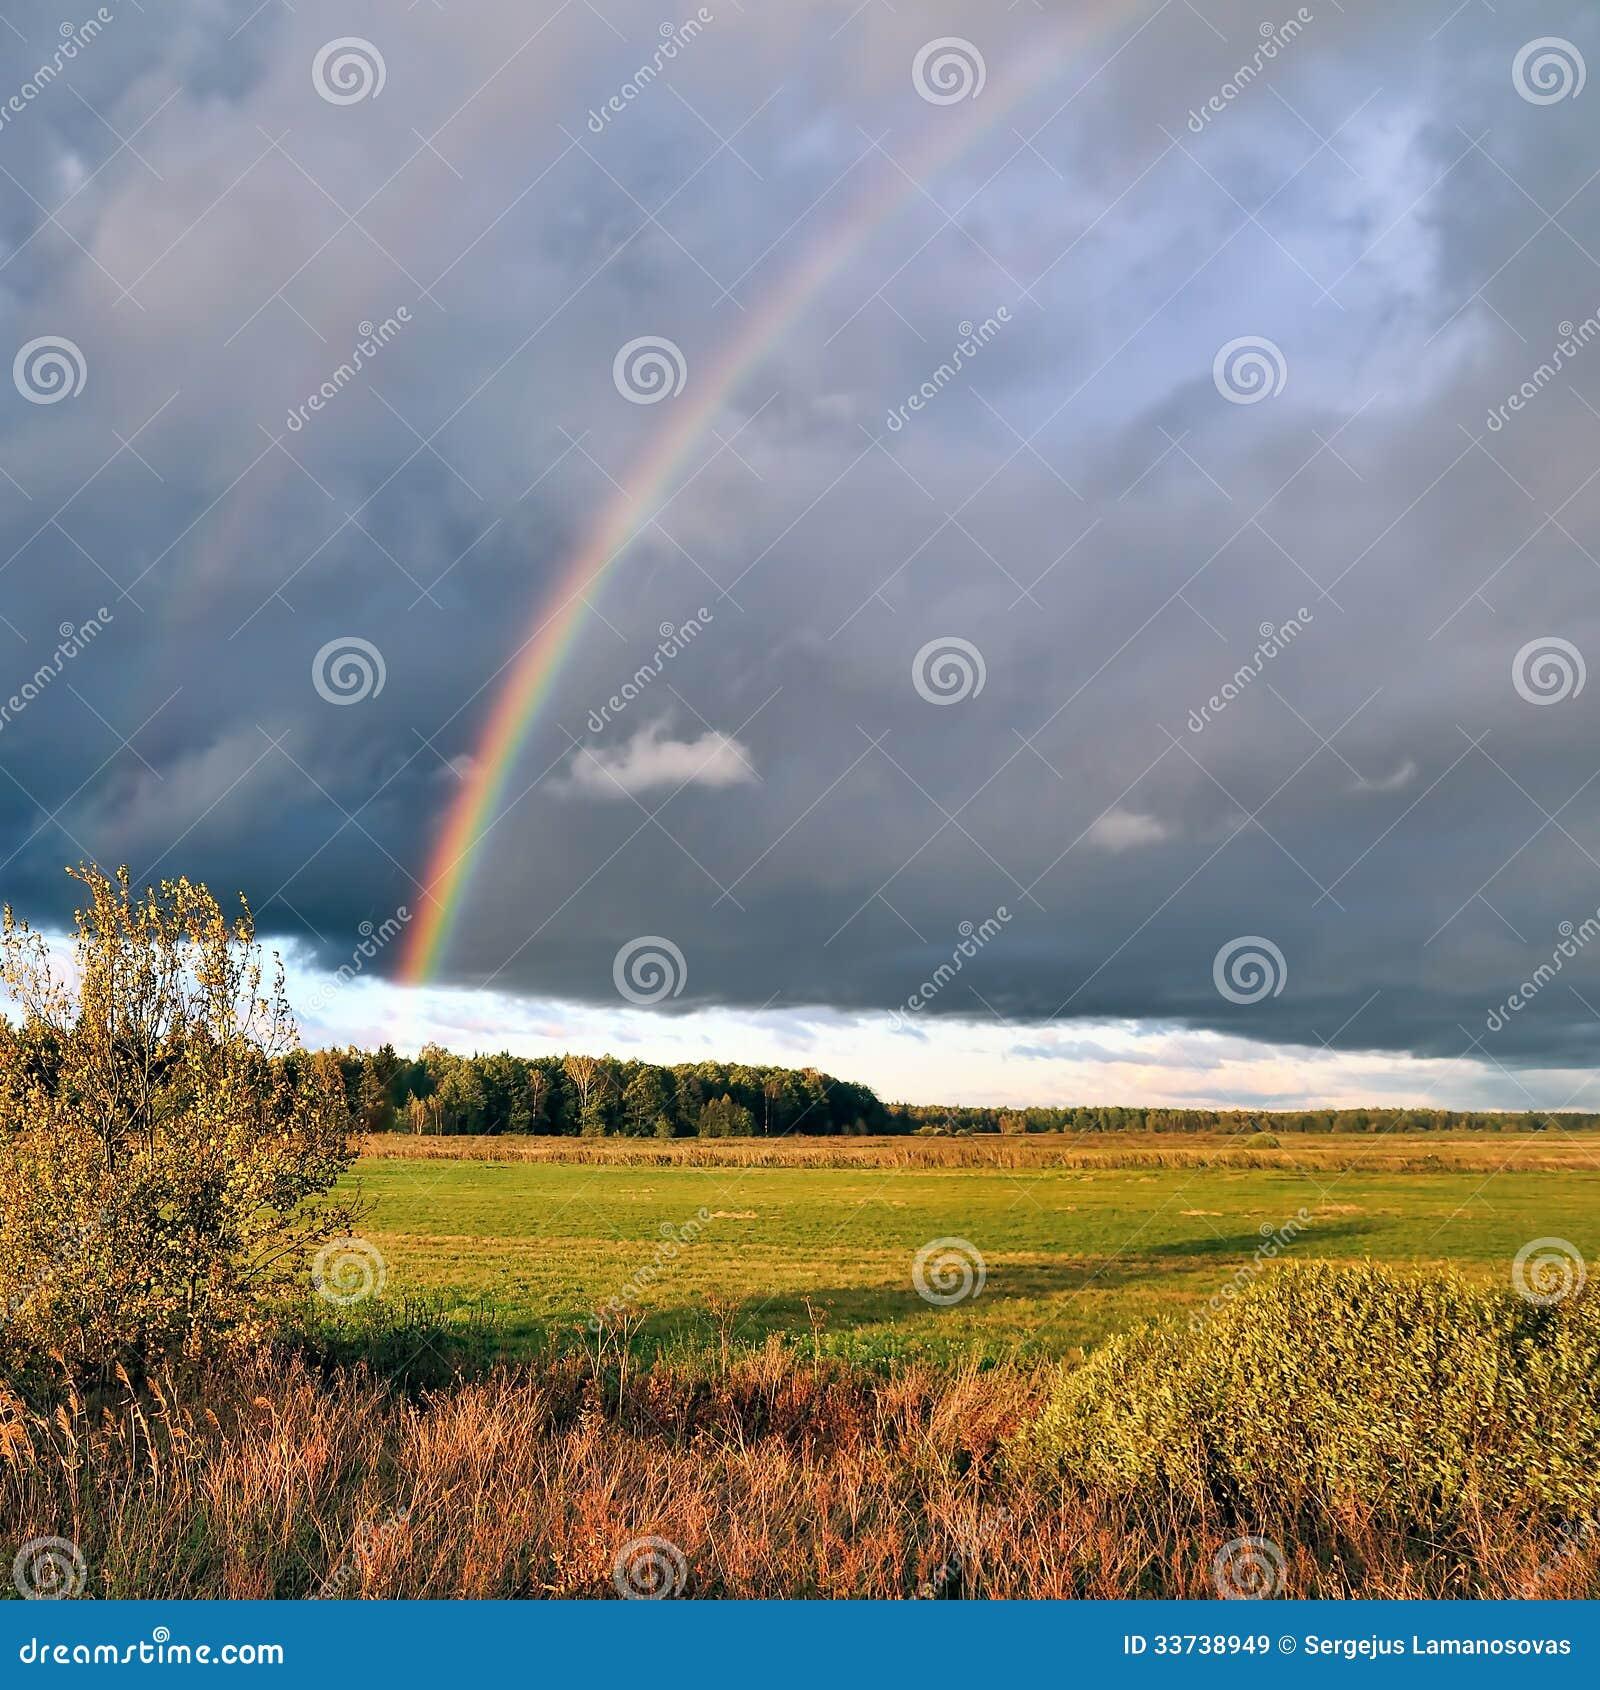 Естественная радуга над полем осени и темным небом.